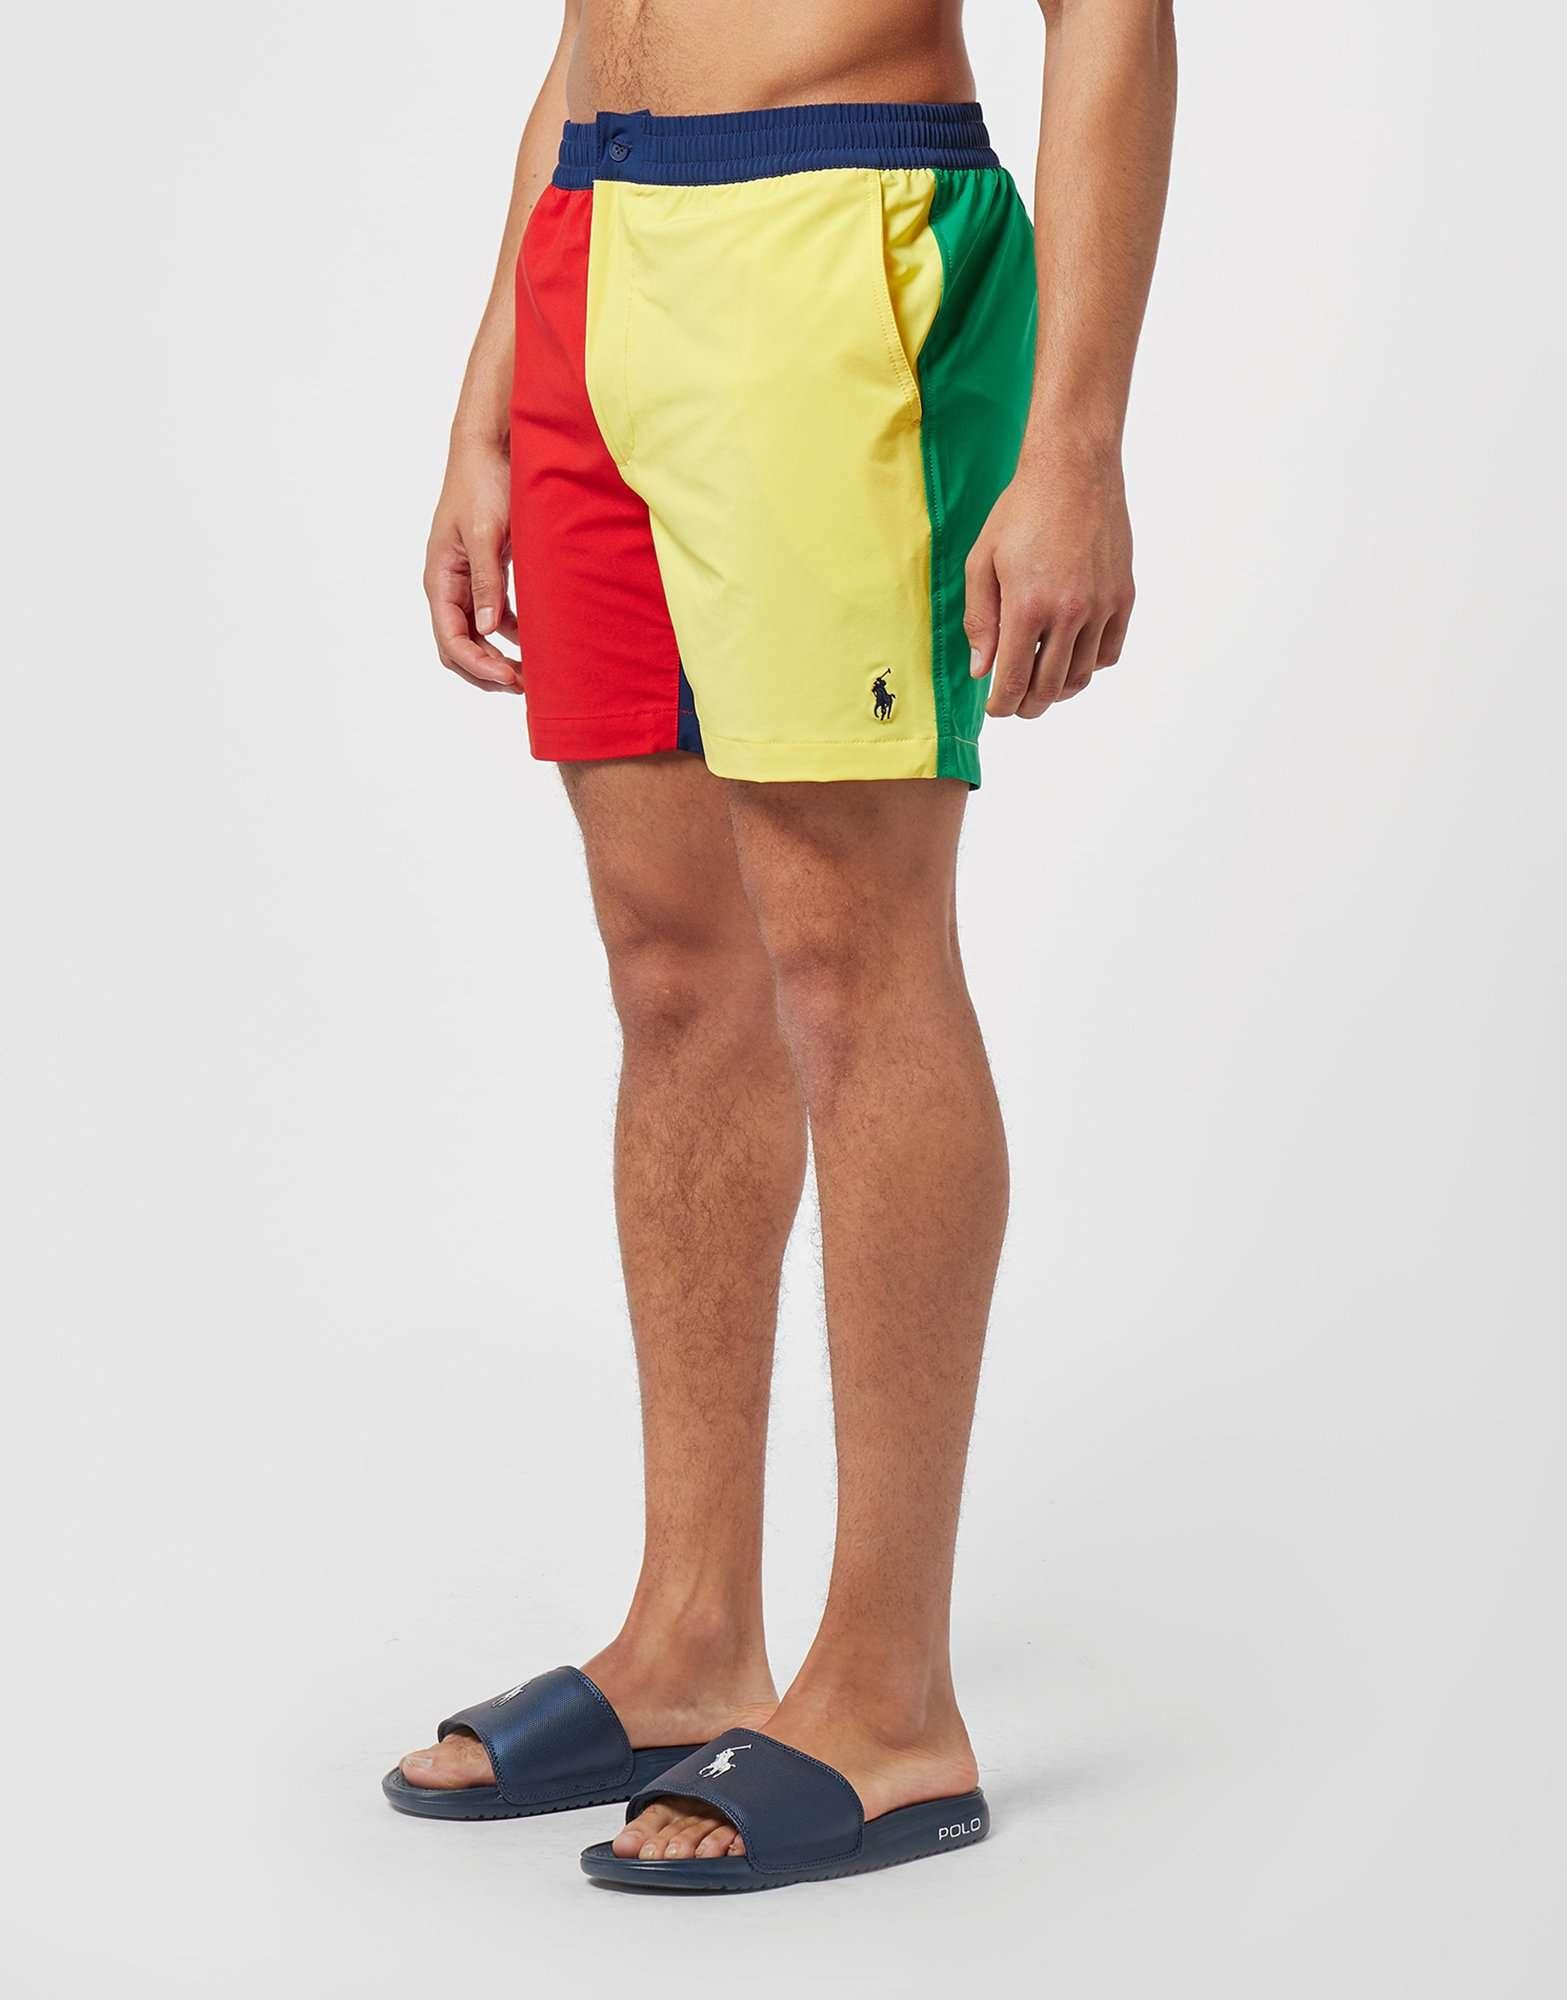 Polo ShortsScotts Ralph Menswear Block Swim Lauren kPZliOTwXu